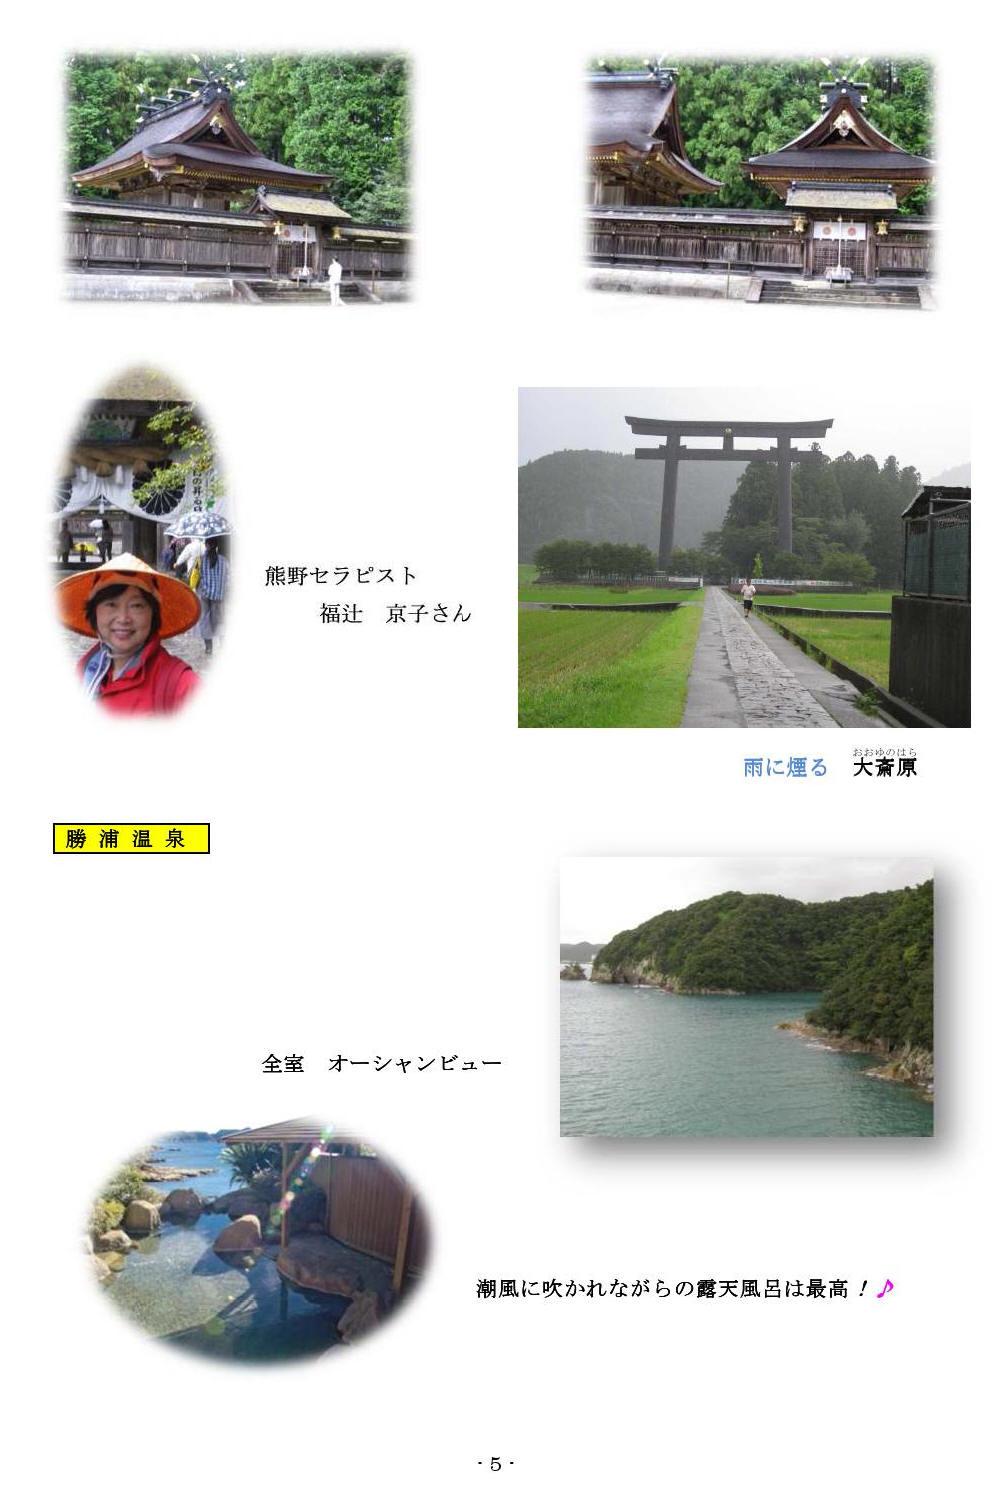 熊野古道女1人旅行記